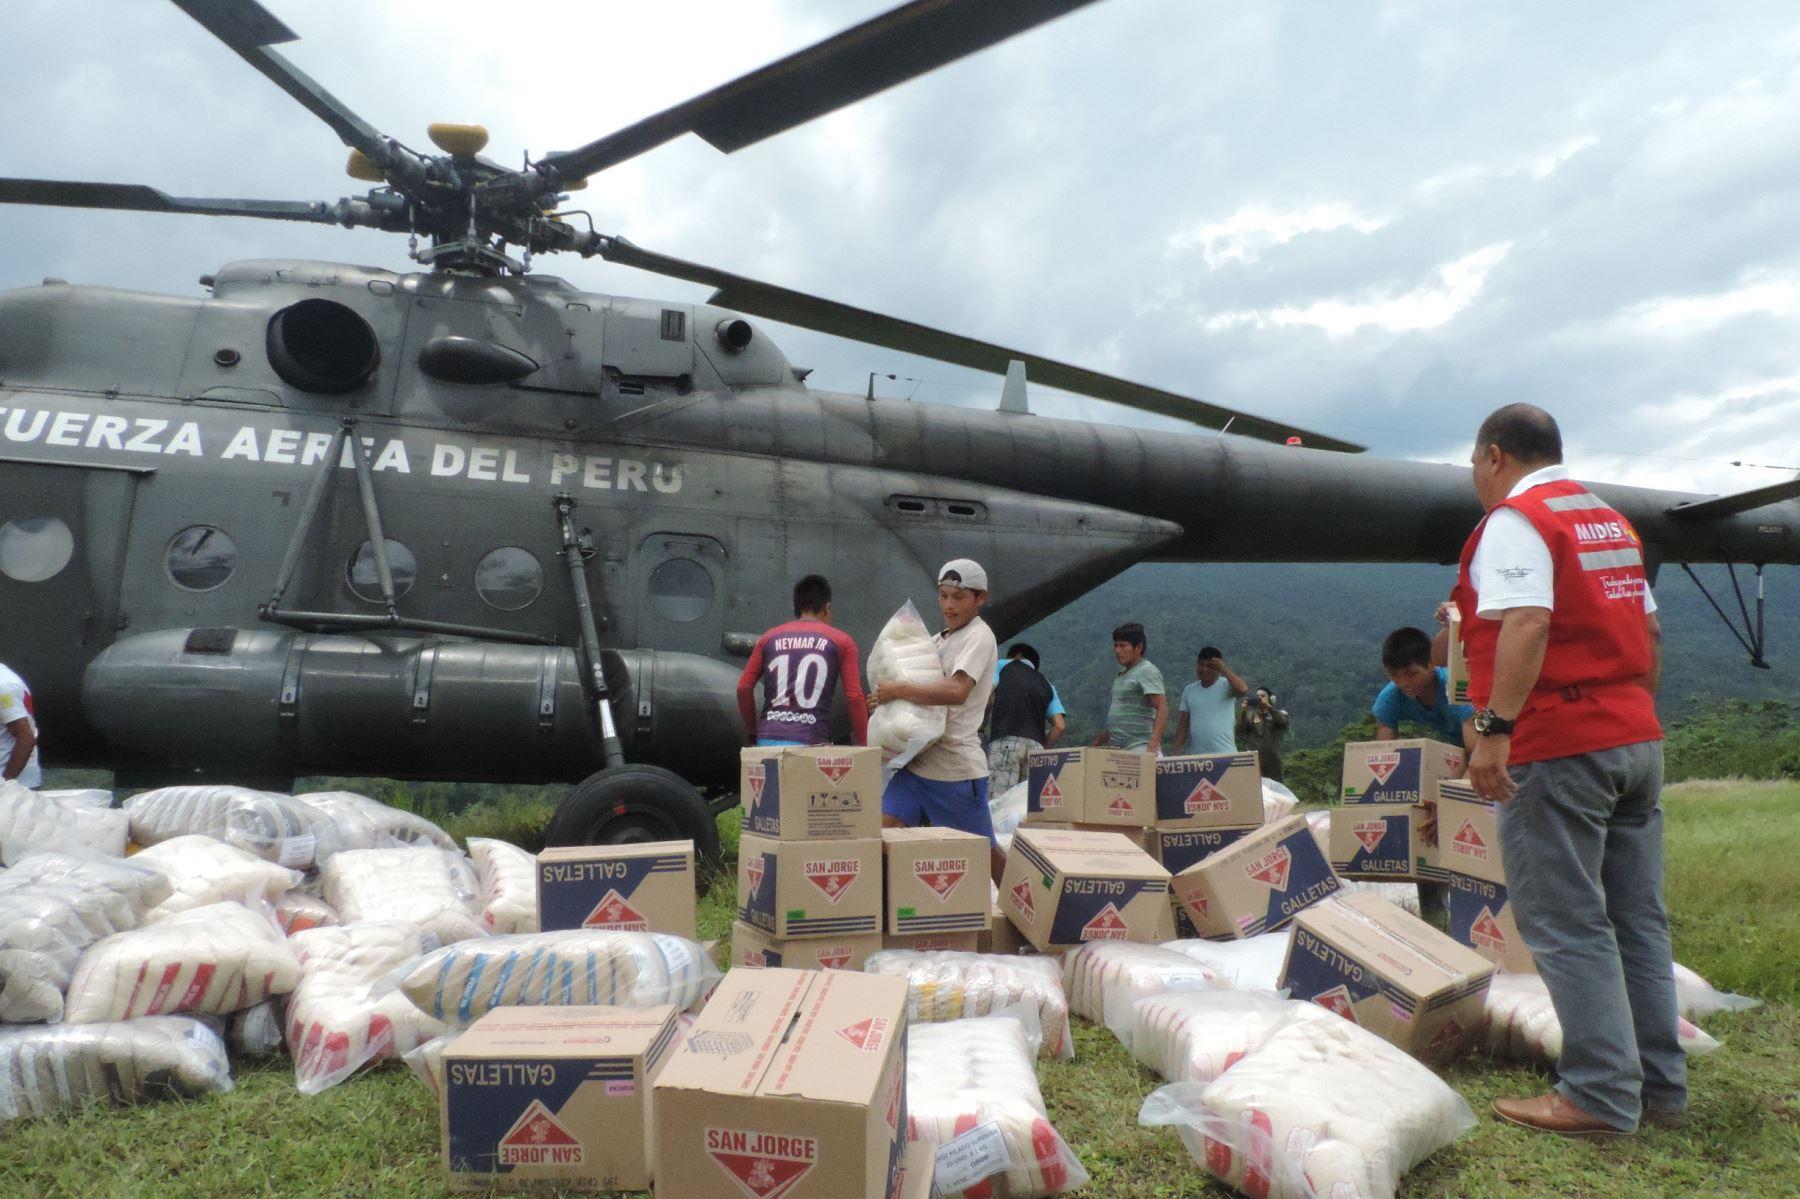 En helicópteros de las Fuerzas Armadas, se trasladaron los productos destinados al servicio alimentario que se brinda en 64 instituciones educativas de los distritos de El Cenepa e Imaza, región Amazonas.